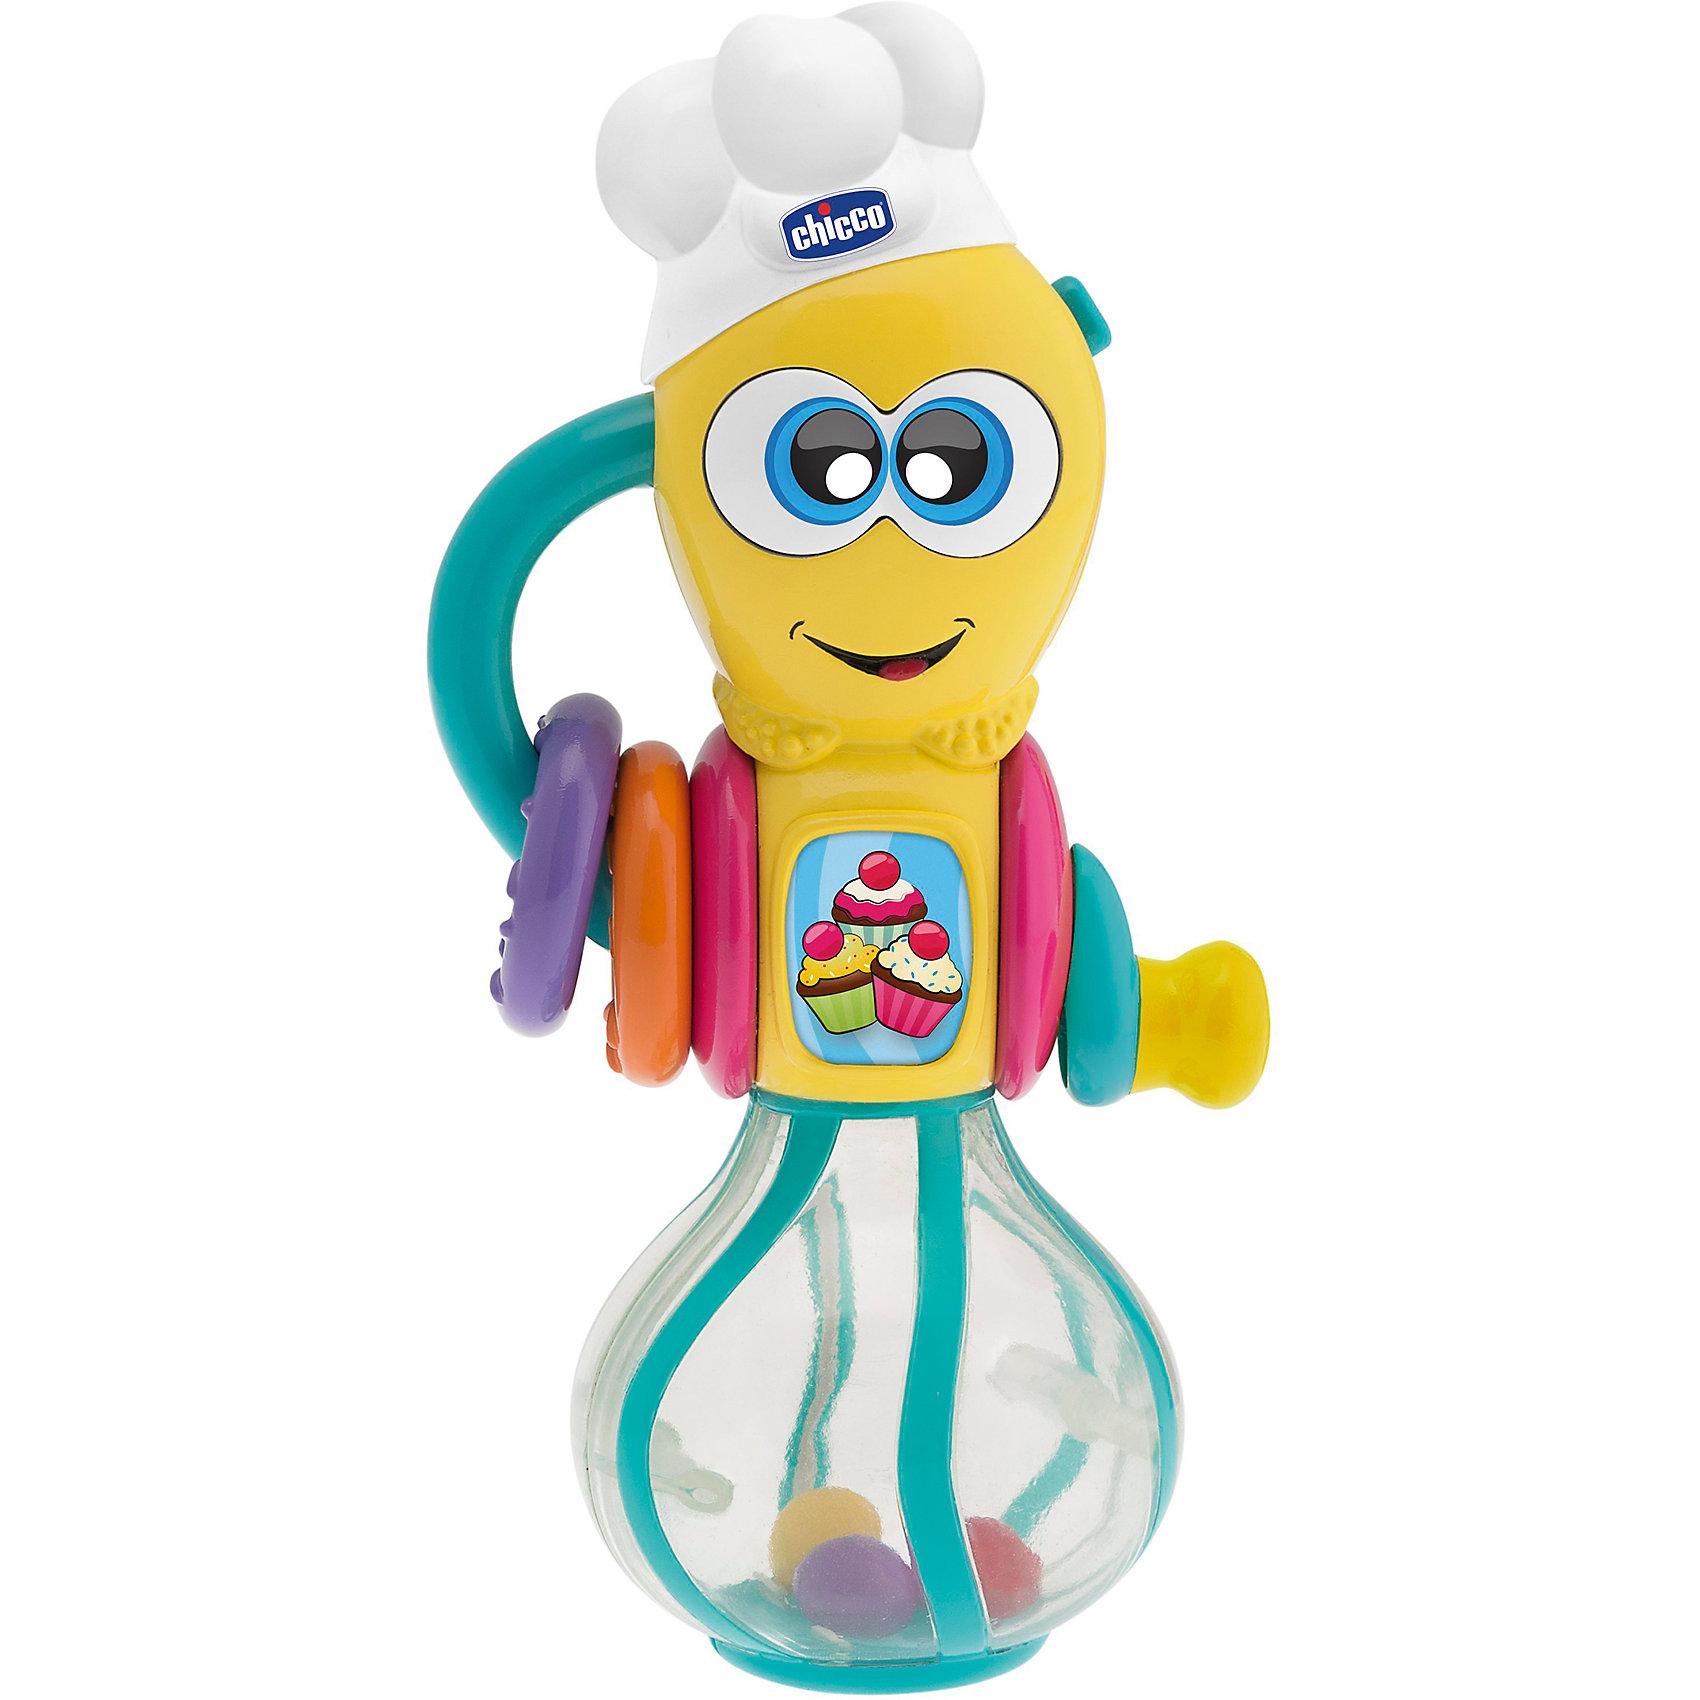 Музыкальная игрушка Мутовка, CHICCOПогремушки<br>Музыкальная игрушка Мутовка, CHICCO (Чикко).<br><br>Характеристики:<br><br>• Размер:19х17х9см.<br>• Вес: 250г.<br><br>Каждый день приносит малышам что - то новое и интересное. «Мутовка» Chicco (Чикко)– забавный поваренок. Такая игрушка, несомненно, привлечет внимание вашего крохи. Лампочки сияют, а цветные шарики вращаются при повороте ручки. Такая электронная игрушка развлечёт и позабавит малыша, а также способствует развитию мелкой моторики рук, цветового восприятия и координации движений. Батарейки входят в комплект с игрушкой.<br><br>Музыкальную игрушку Мутовка, CHICCO (Чикко) можно купить в нашем интернет-магазине.<br><br>Ширина мм: 199<br>Глубина мм: 99<br>Высота мм: 210<br>Вес г: 274<br>Возраст от месяцев: 6<br>Возраст до месяцев: 36<br>Пол: Унисекс<br>Возраст: Детский<br>SKU: 4600065